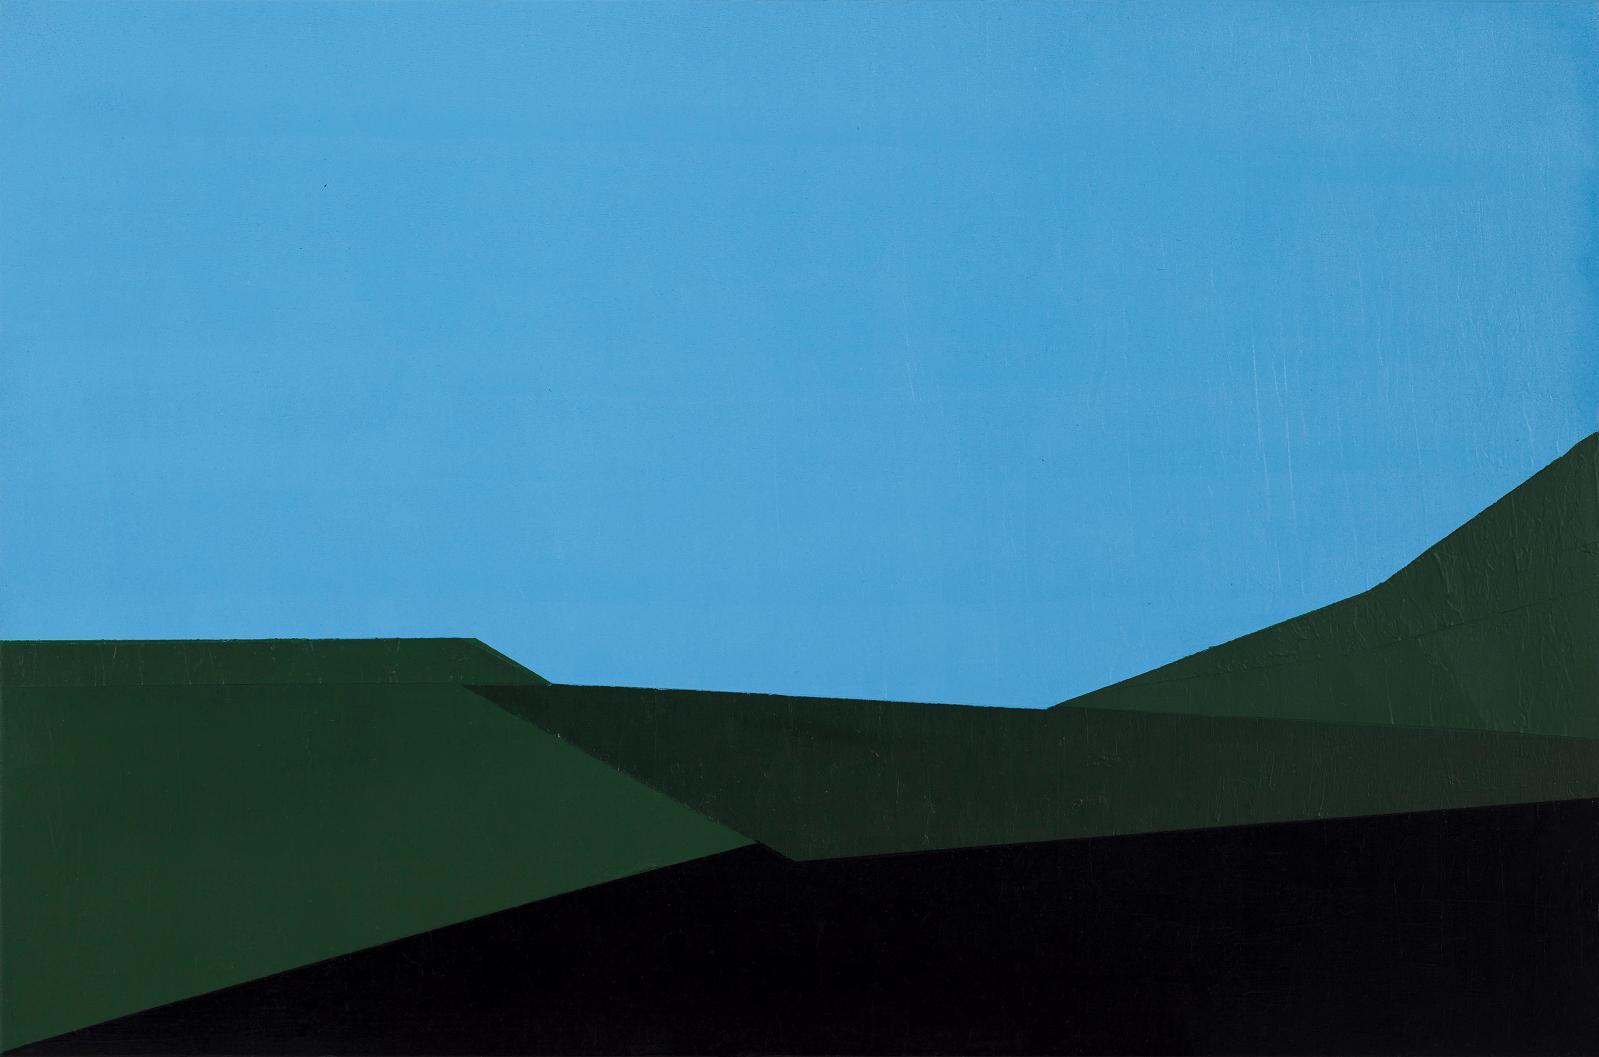 Soufiane Idrissi, Garden After MSDOS 5, 2011, huile sur toile, 50x70cm. COURTESY SOUFIANE IDRISSI